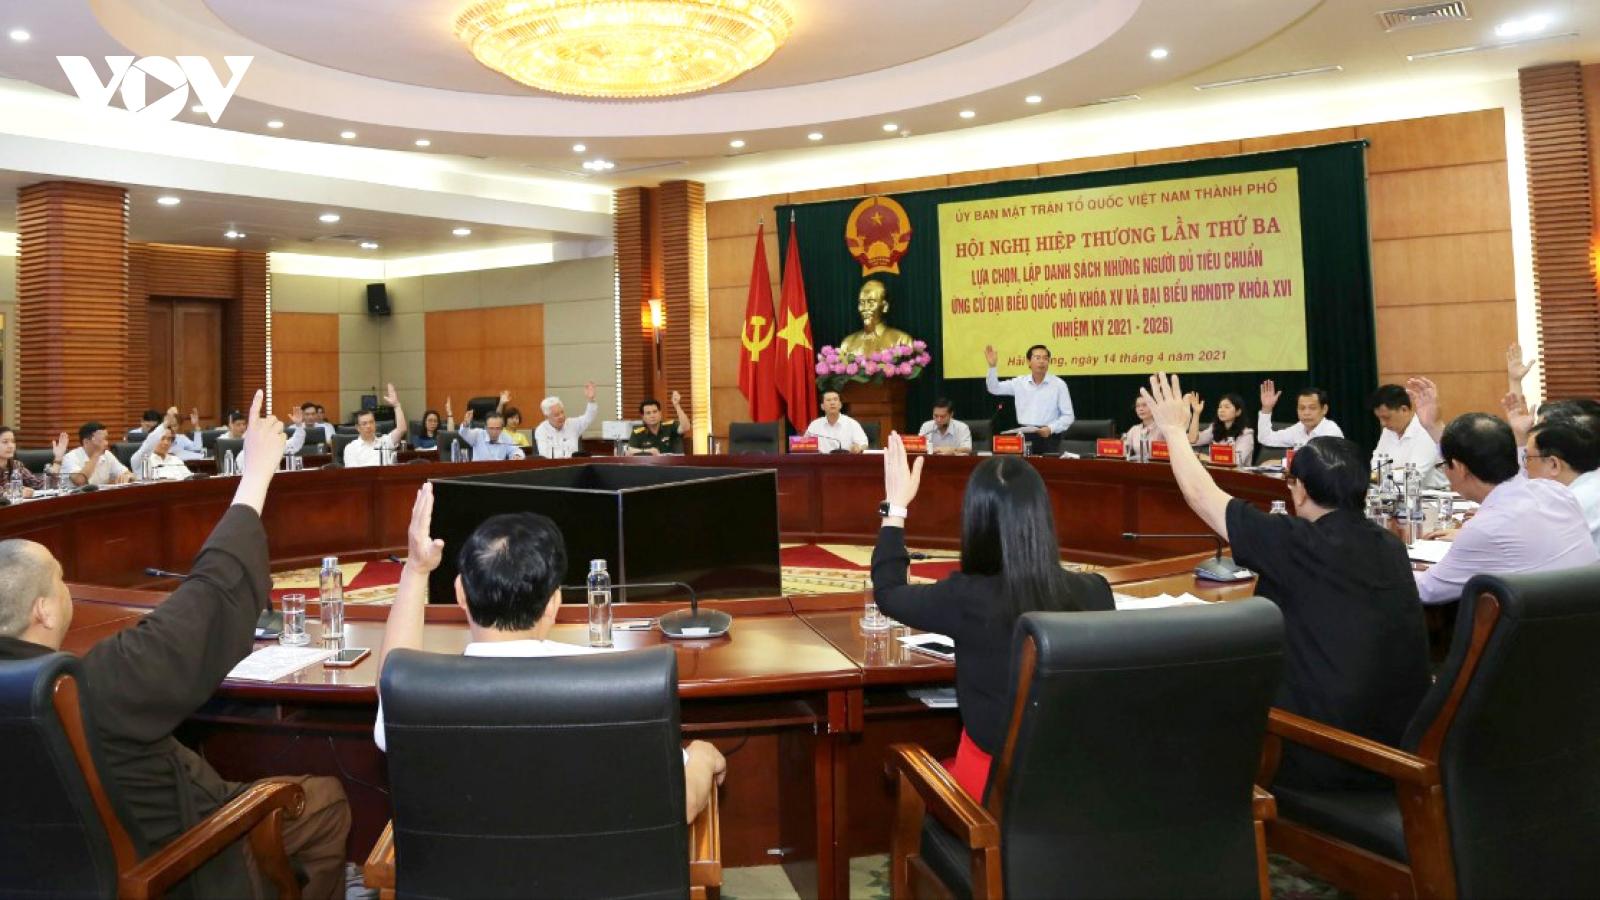 Hải Phònggiới thiệu 15 người ứng cử Đại biểu Quốc hội khóa XV